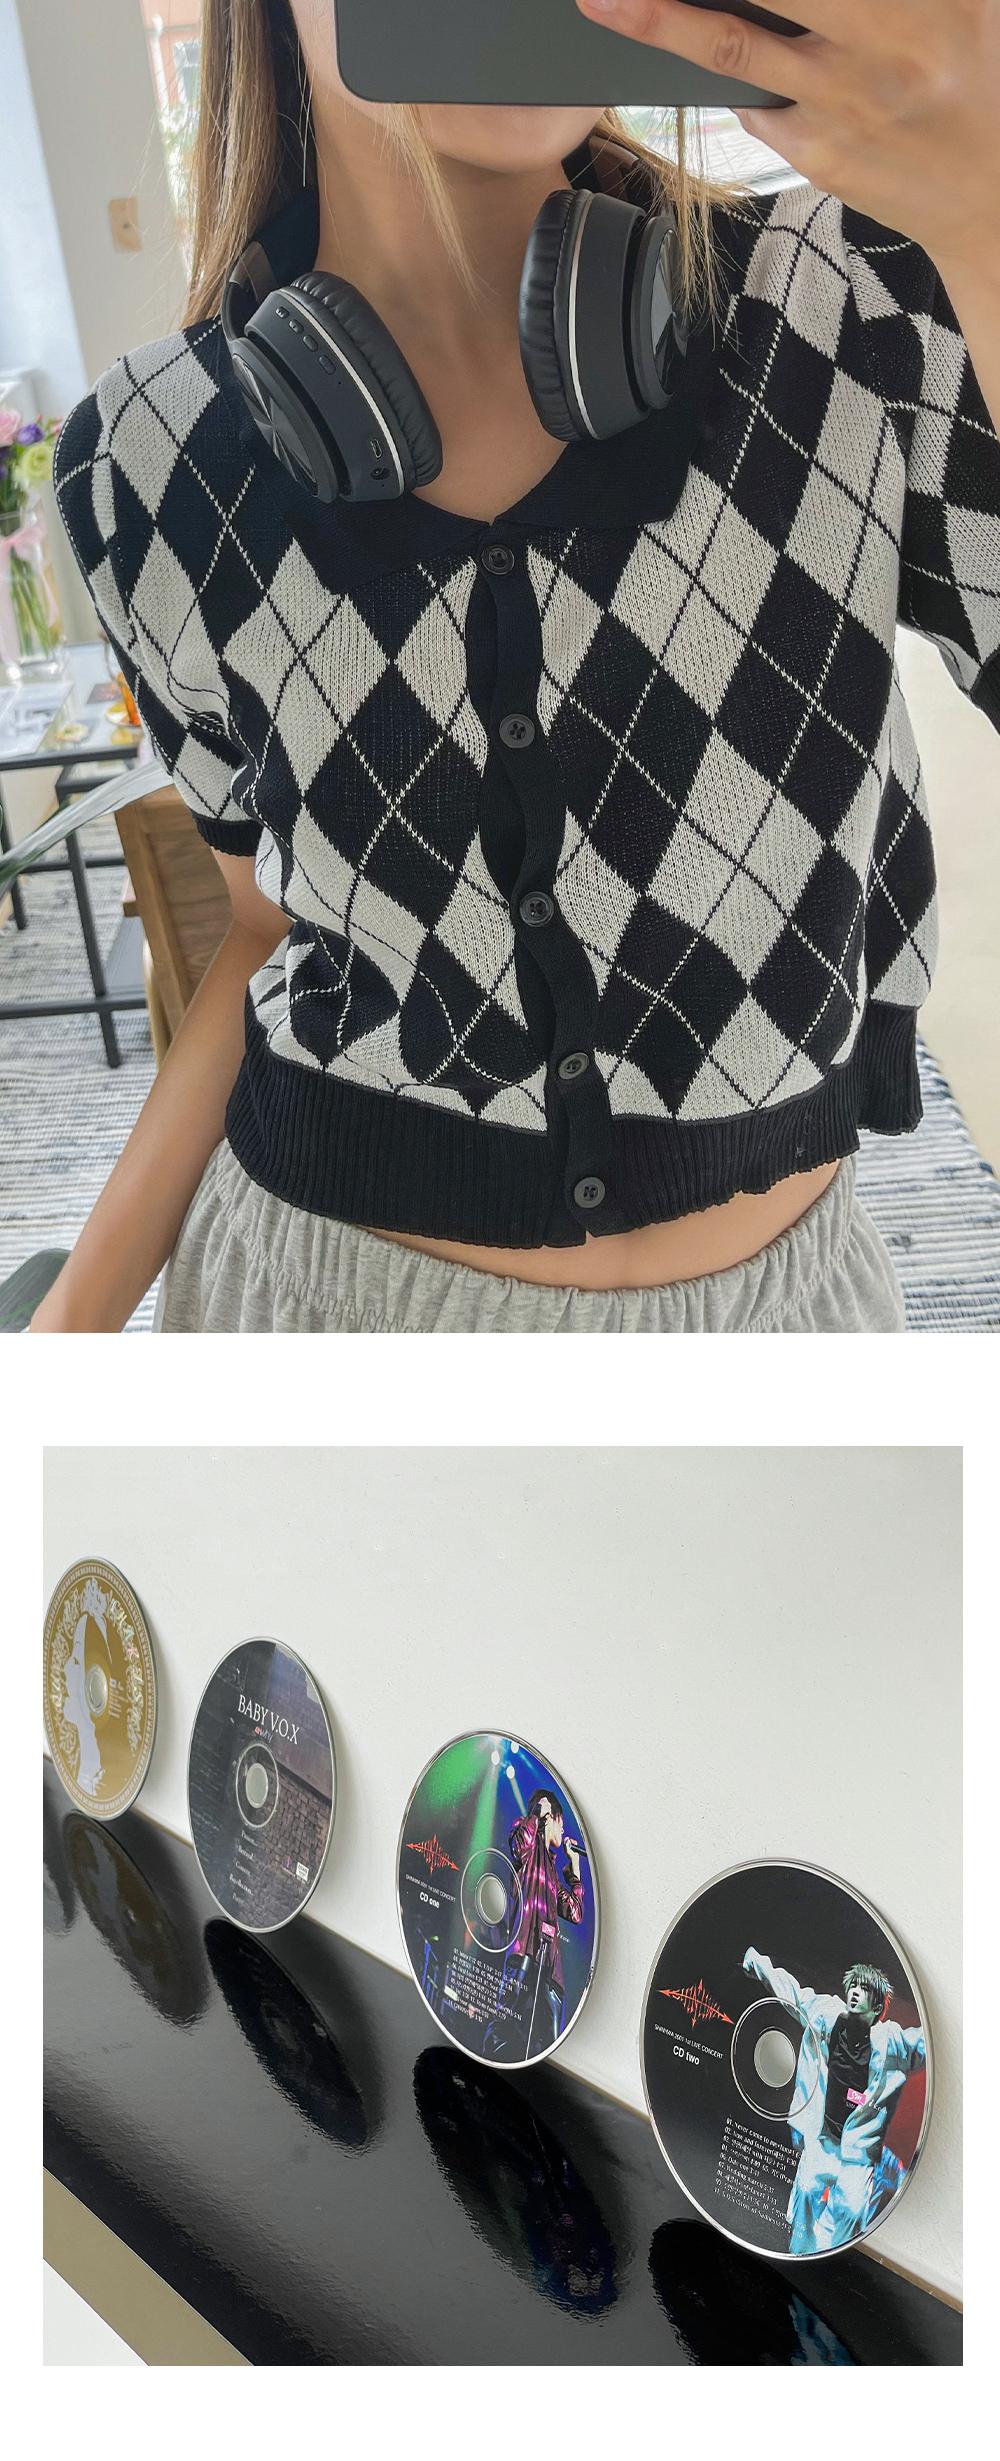 Labard Argyle cropped short-sleeved cardigan